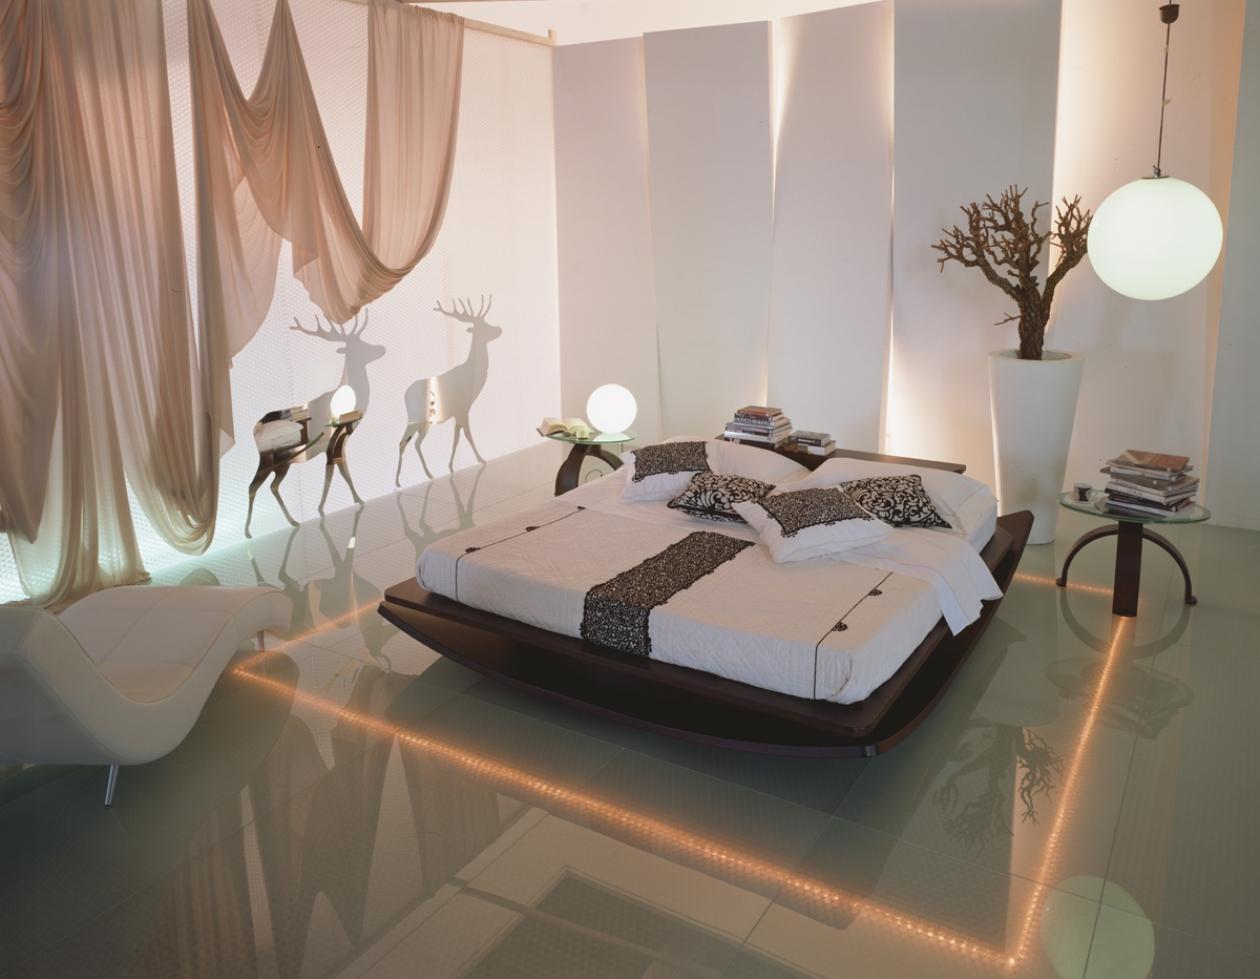 Дизайн маленьких комнат (фото) Дизайн интерьера (фото) .